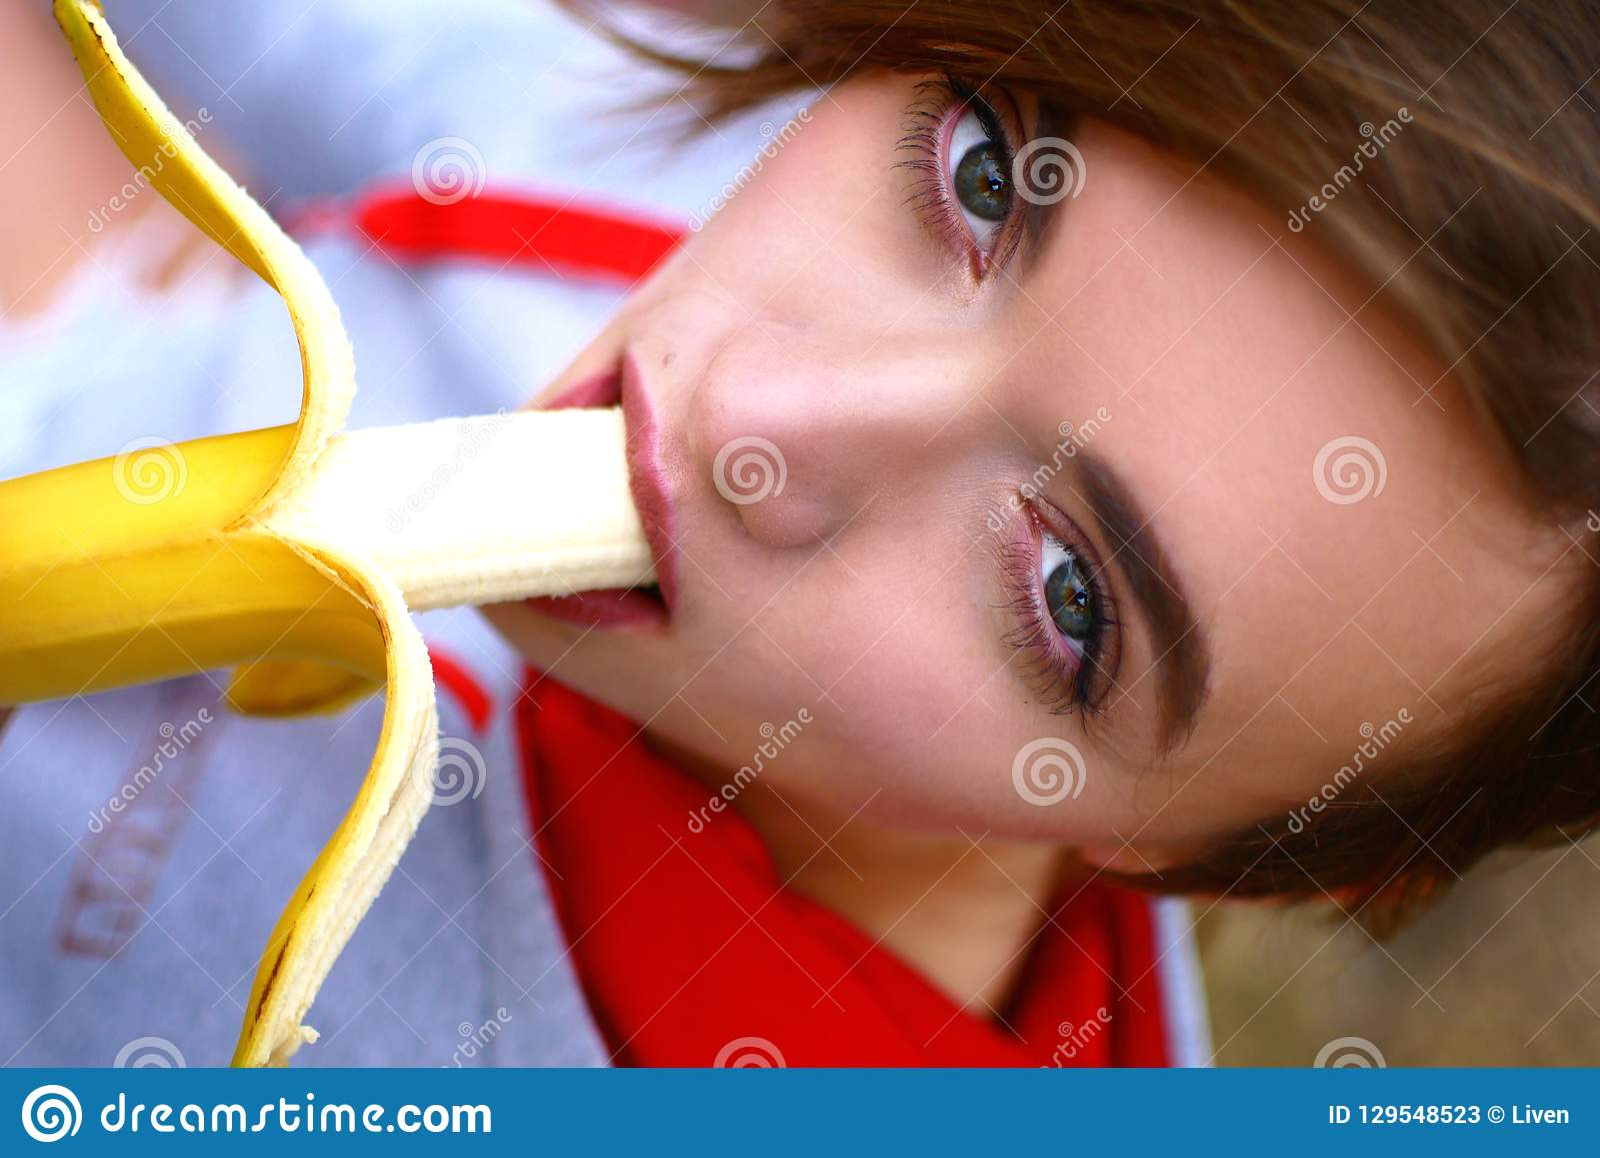 Ένα νέο γλυκό κορίτσι είναι πολύ σαγηνευτικό τρώγοντας μια μπανάνα Μια αθλήτρια προσέχει τα τρόφιμά της